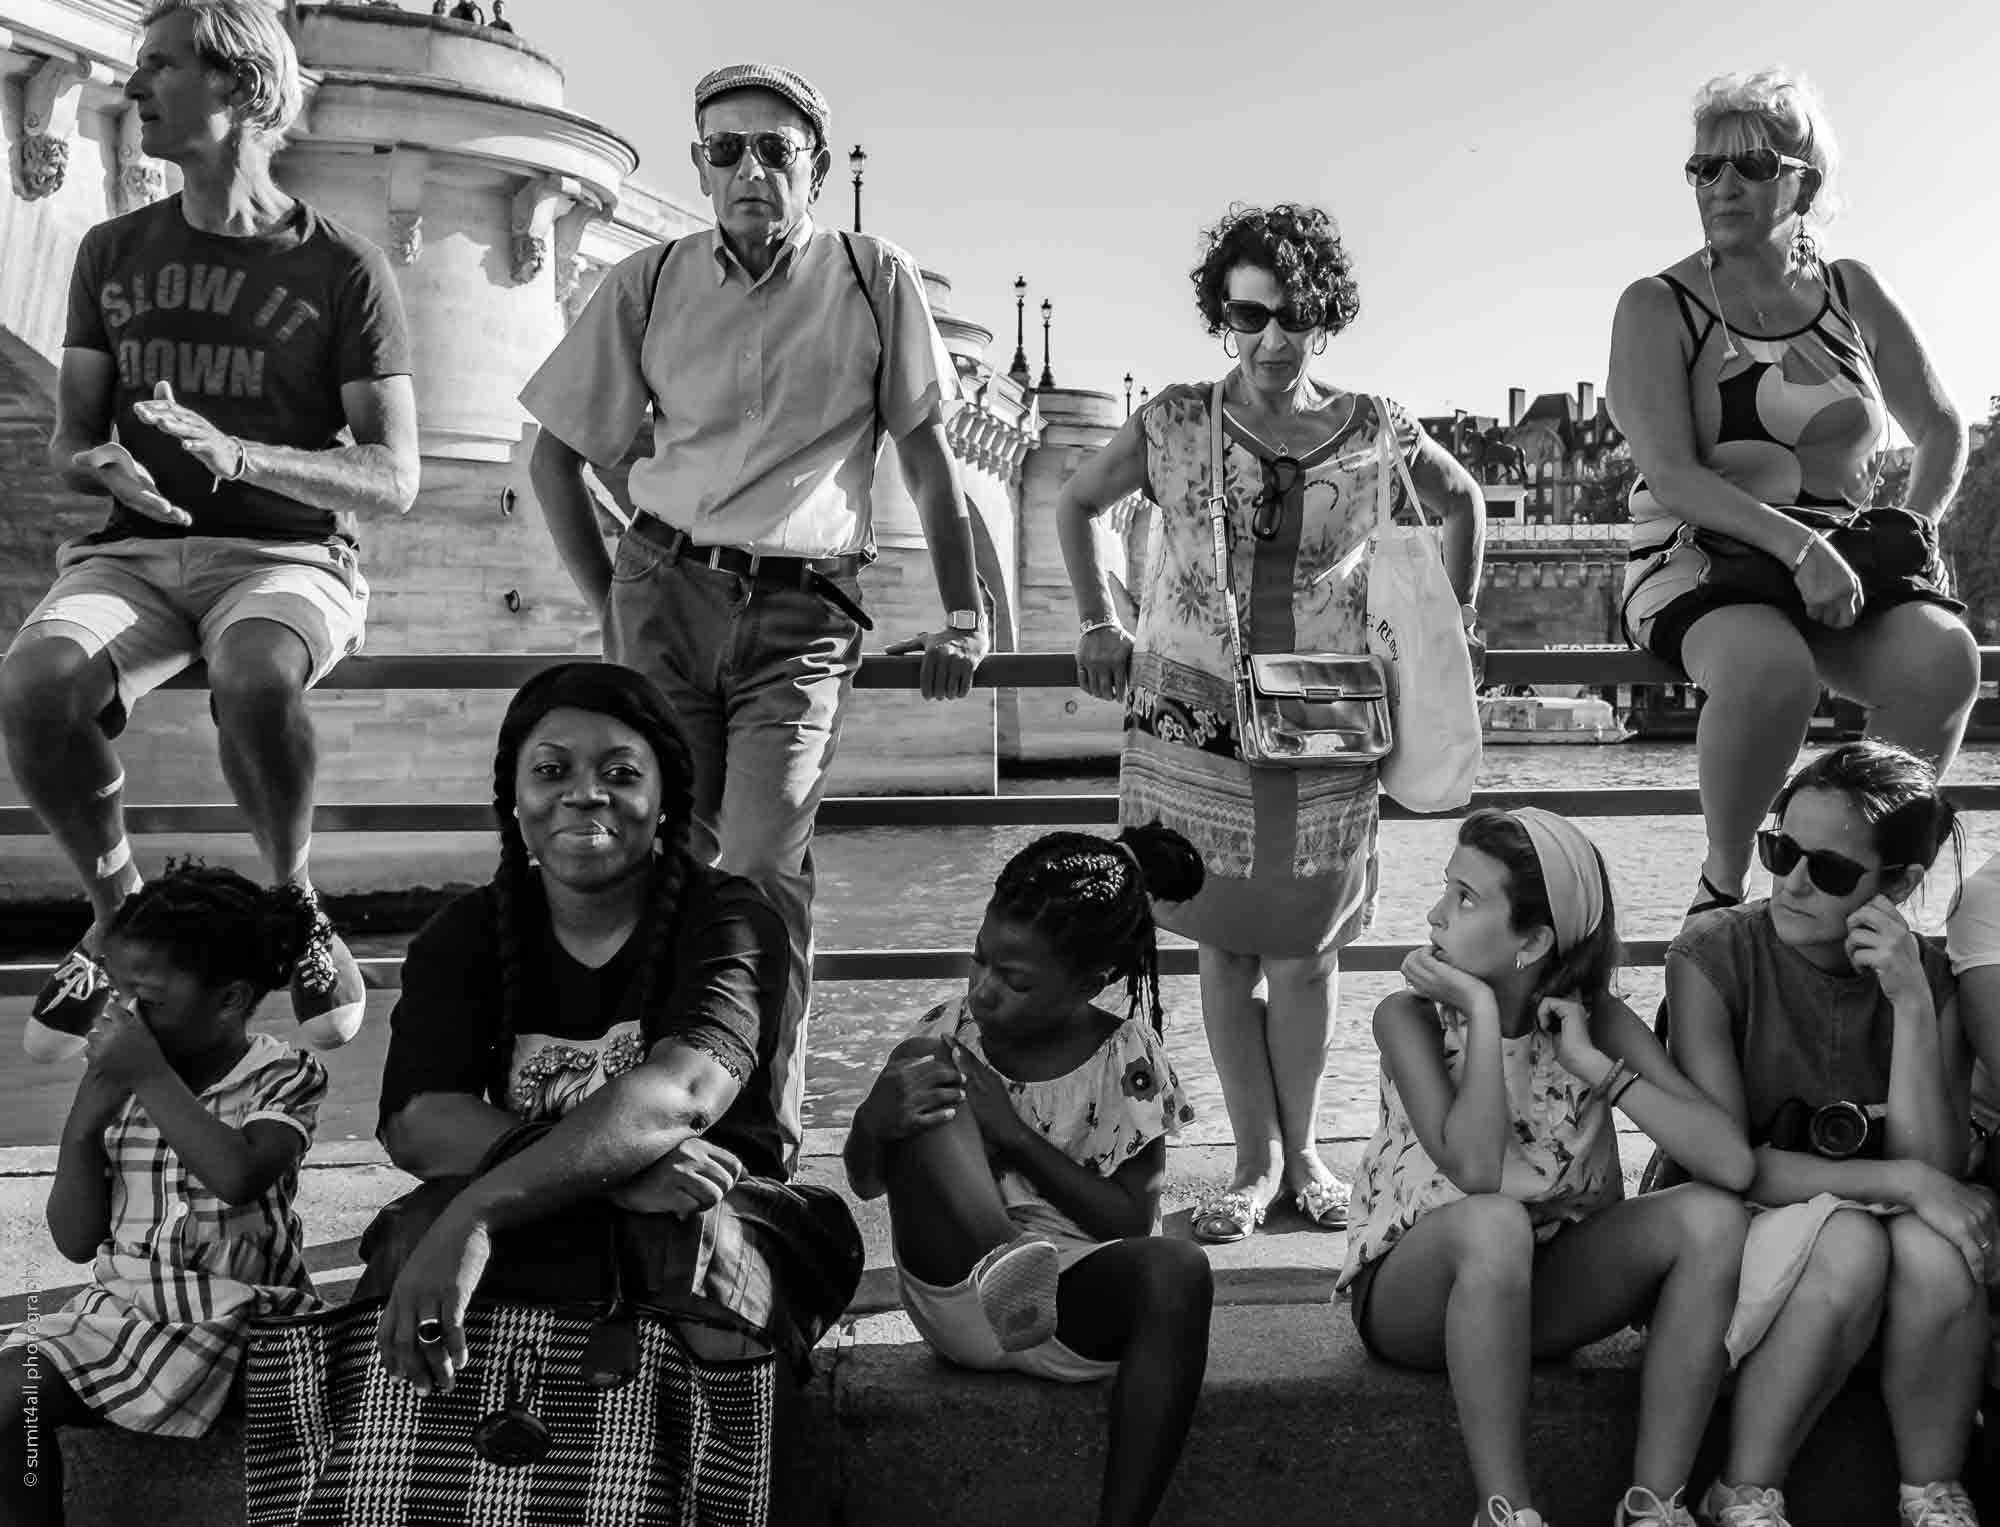 Summer Fun By The Seine in Paris